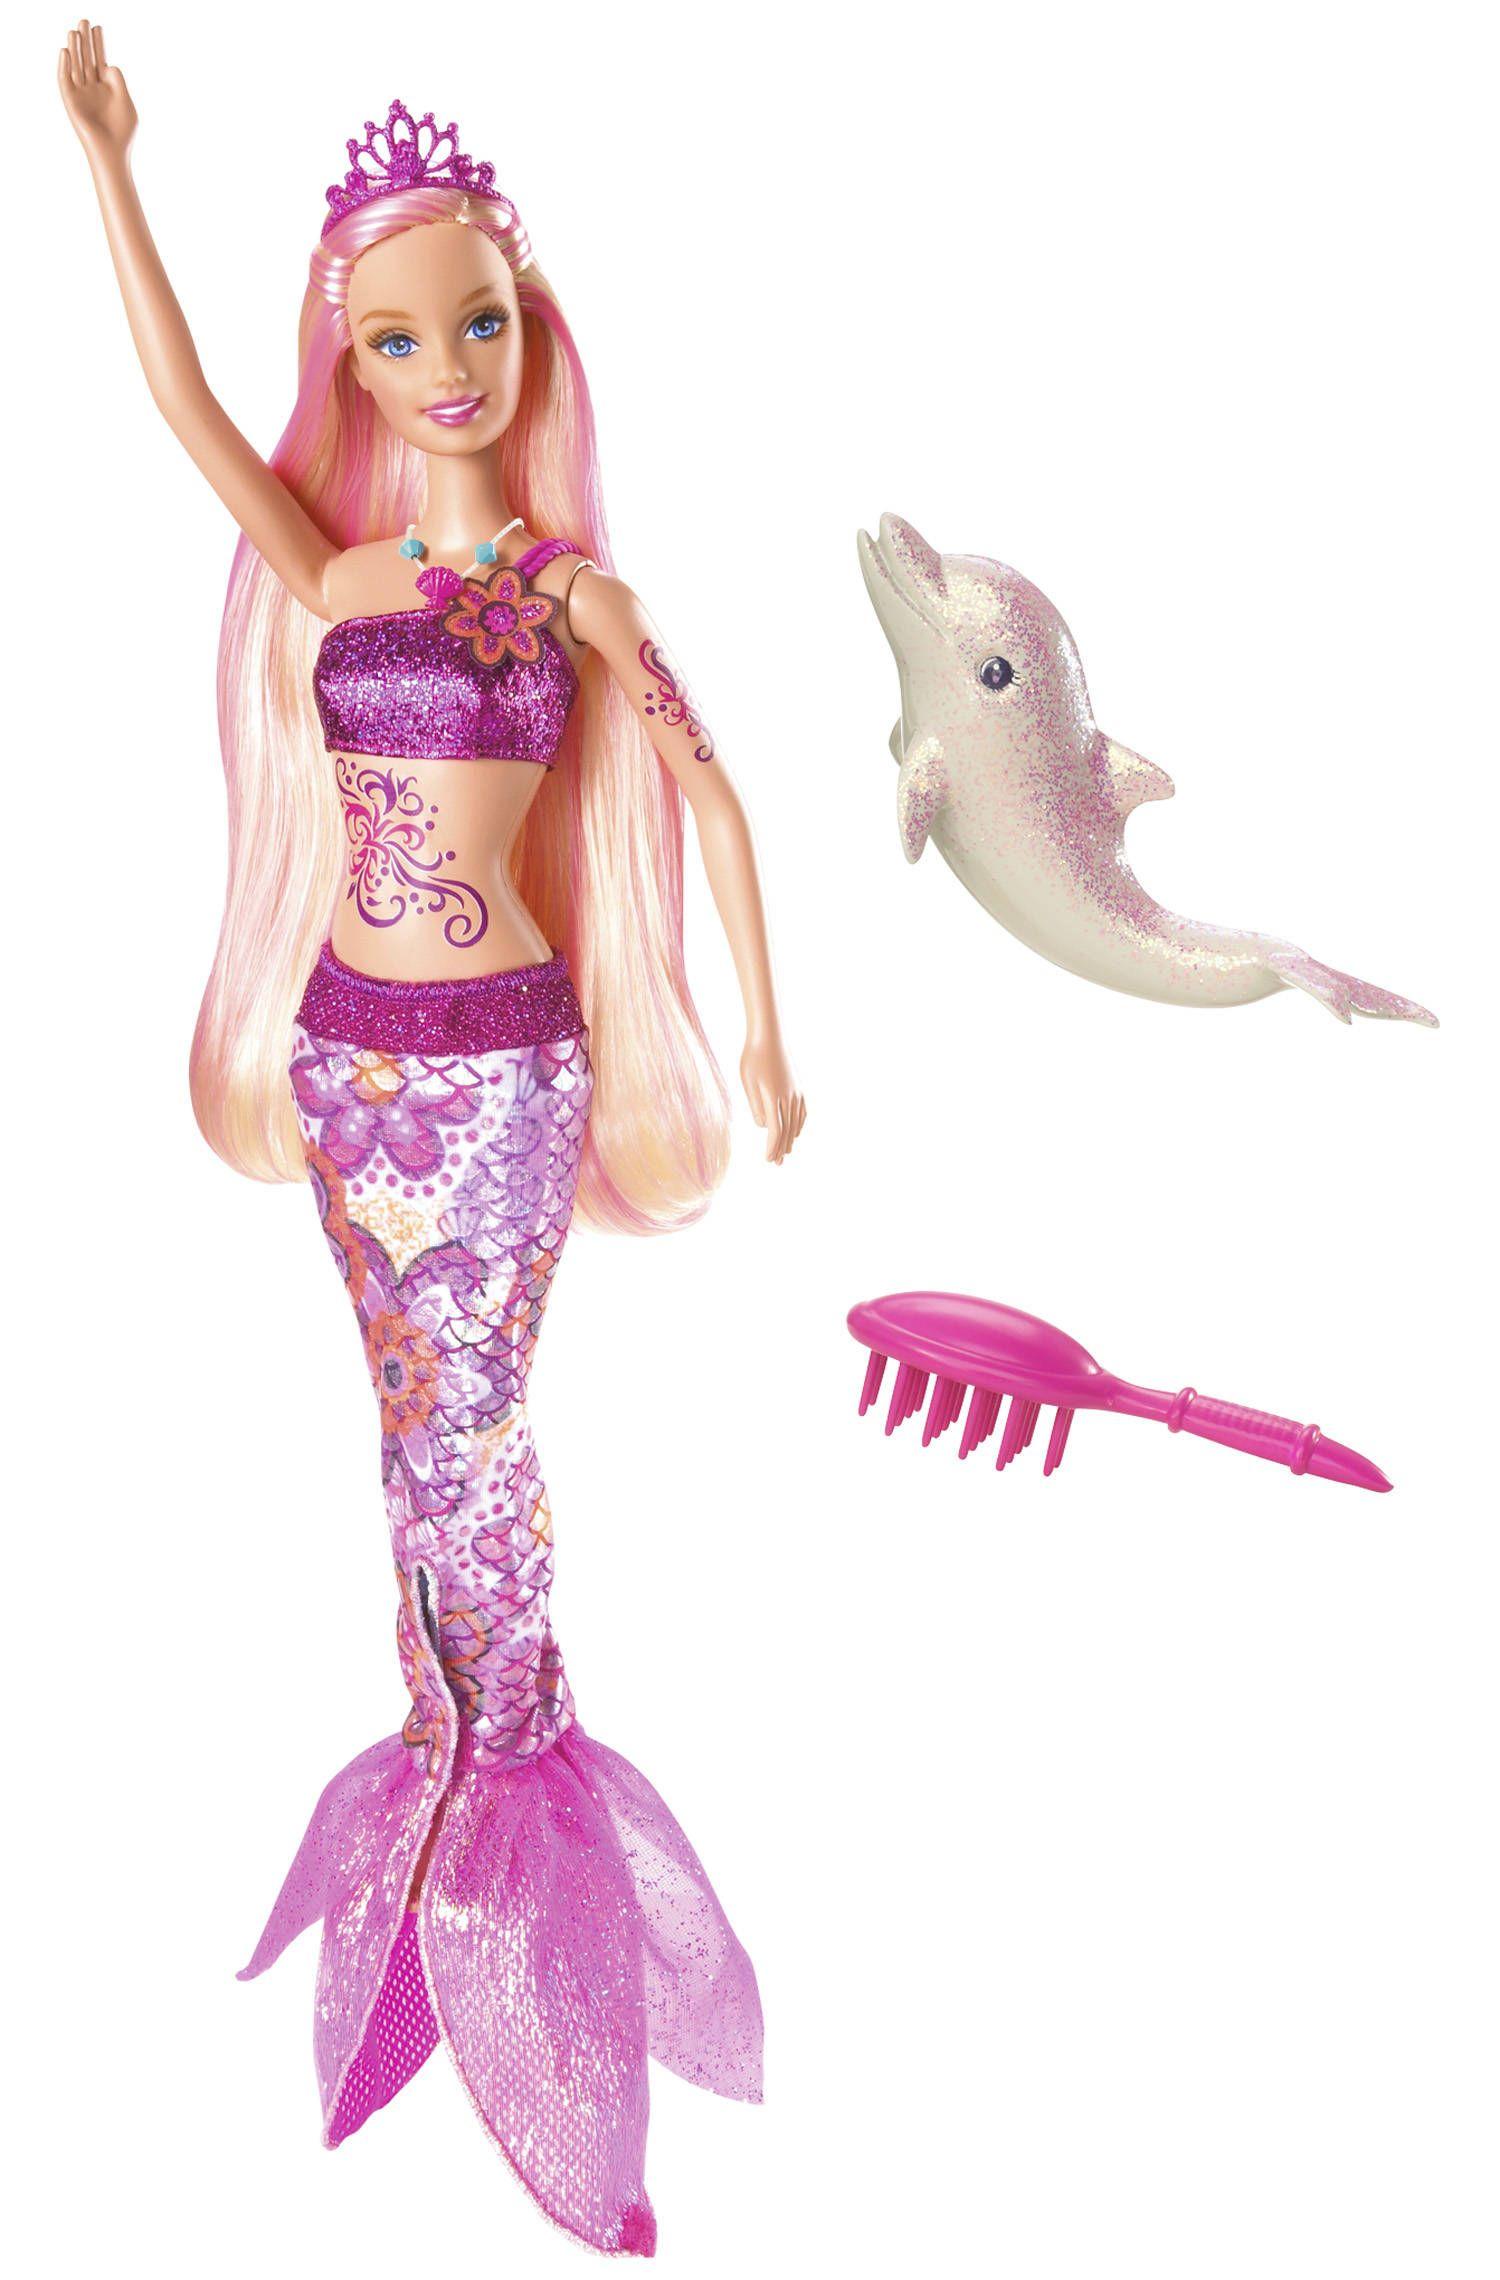 Uncategorized Barbie In A Mermaid Tale Dolls dolls barbie in a mermaid tale merliah doll barbie